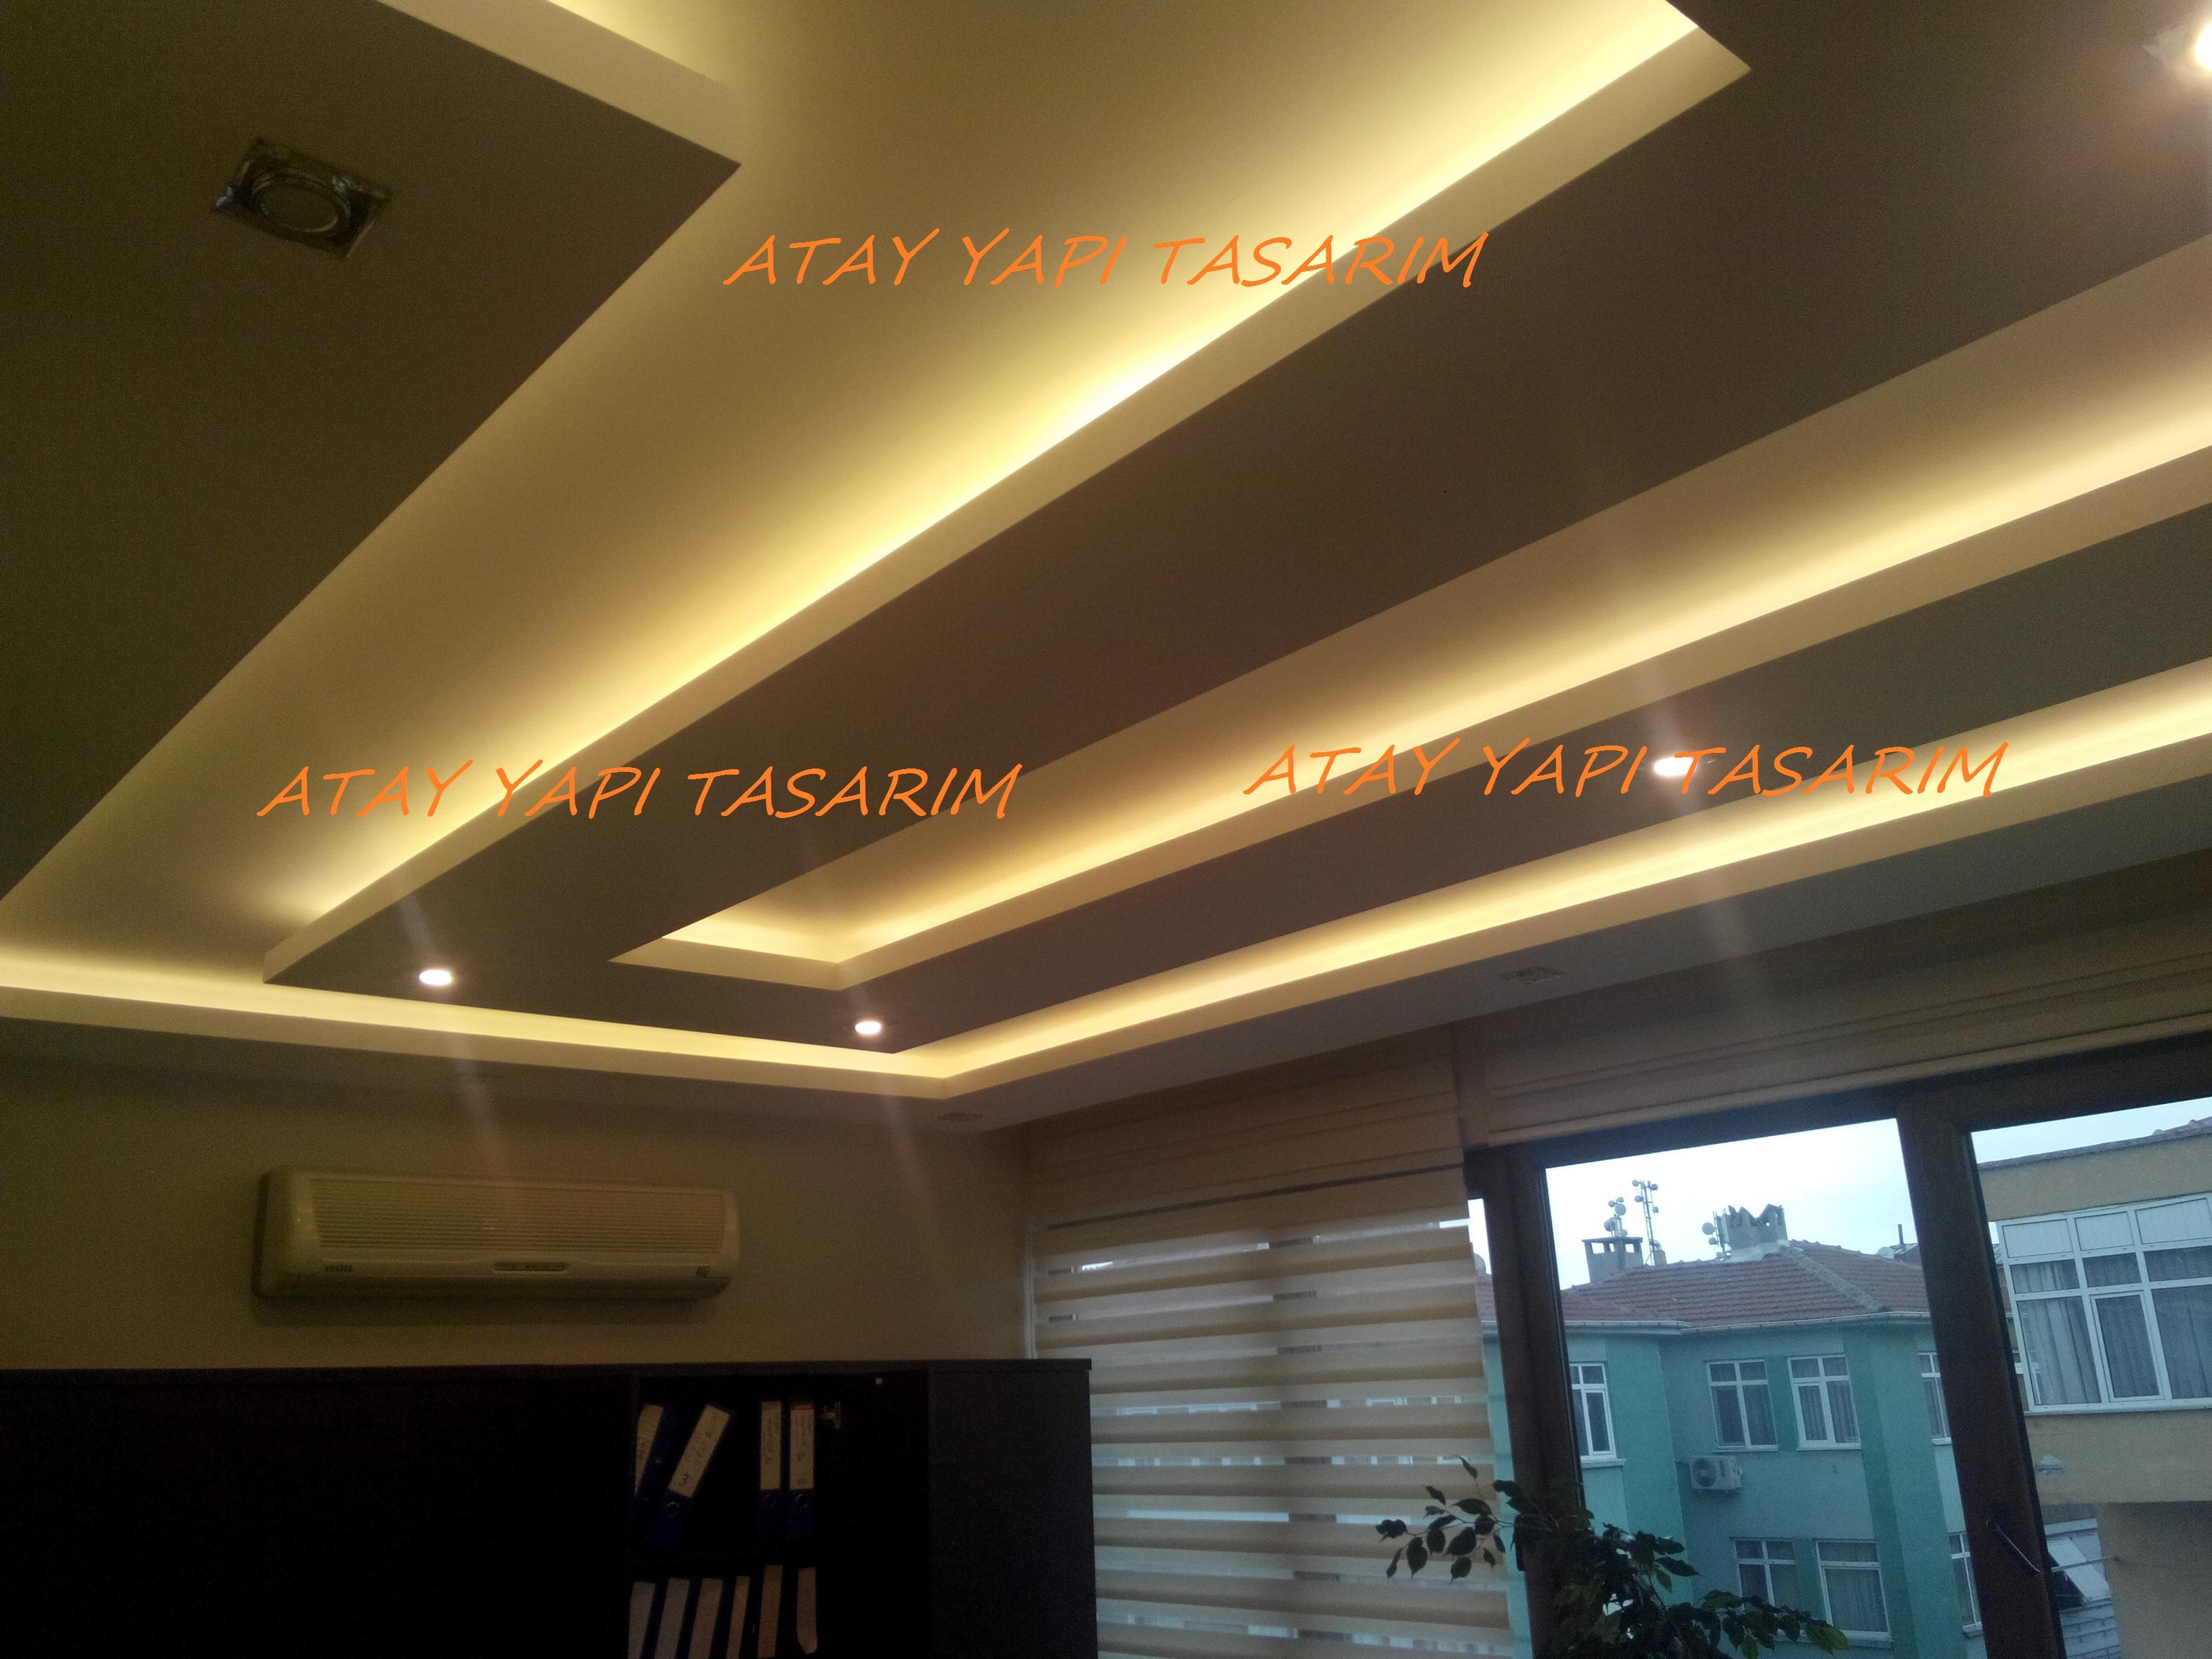 alçıpan asma tavan,modelleri,detayları,örnekleri,resimleri,çeşitleri,çizimleri,gizli ışıklı asma tavan,modelleri,aydınlatmalı,led tavan,letli tavan,led ışıklı,tavan,led gizli ış (2)